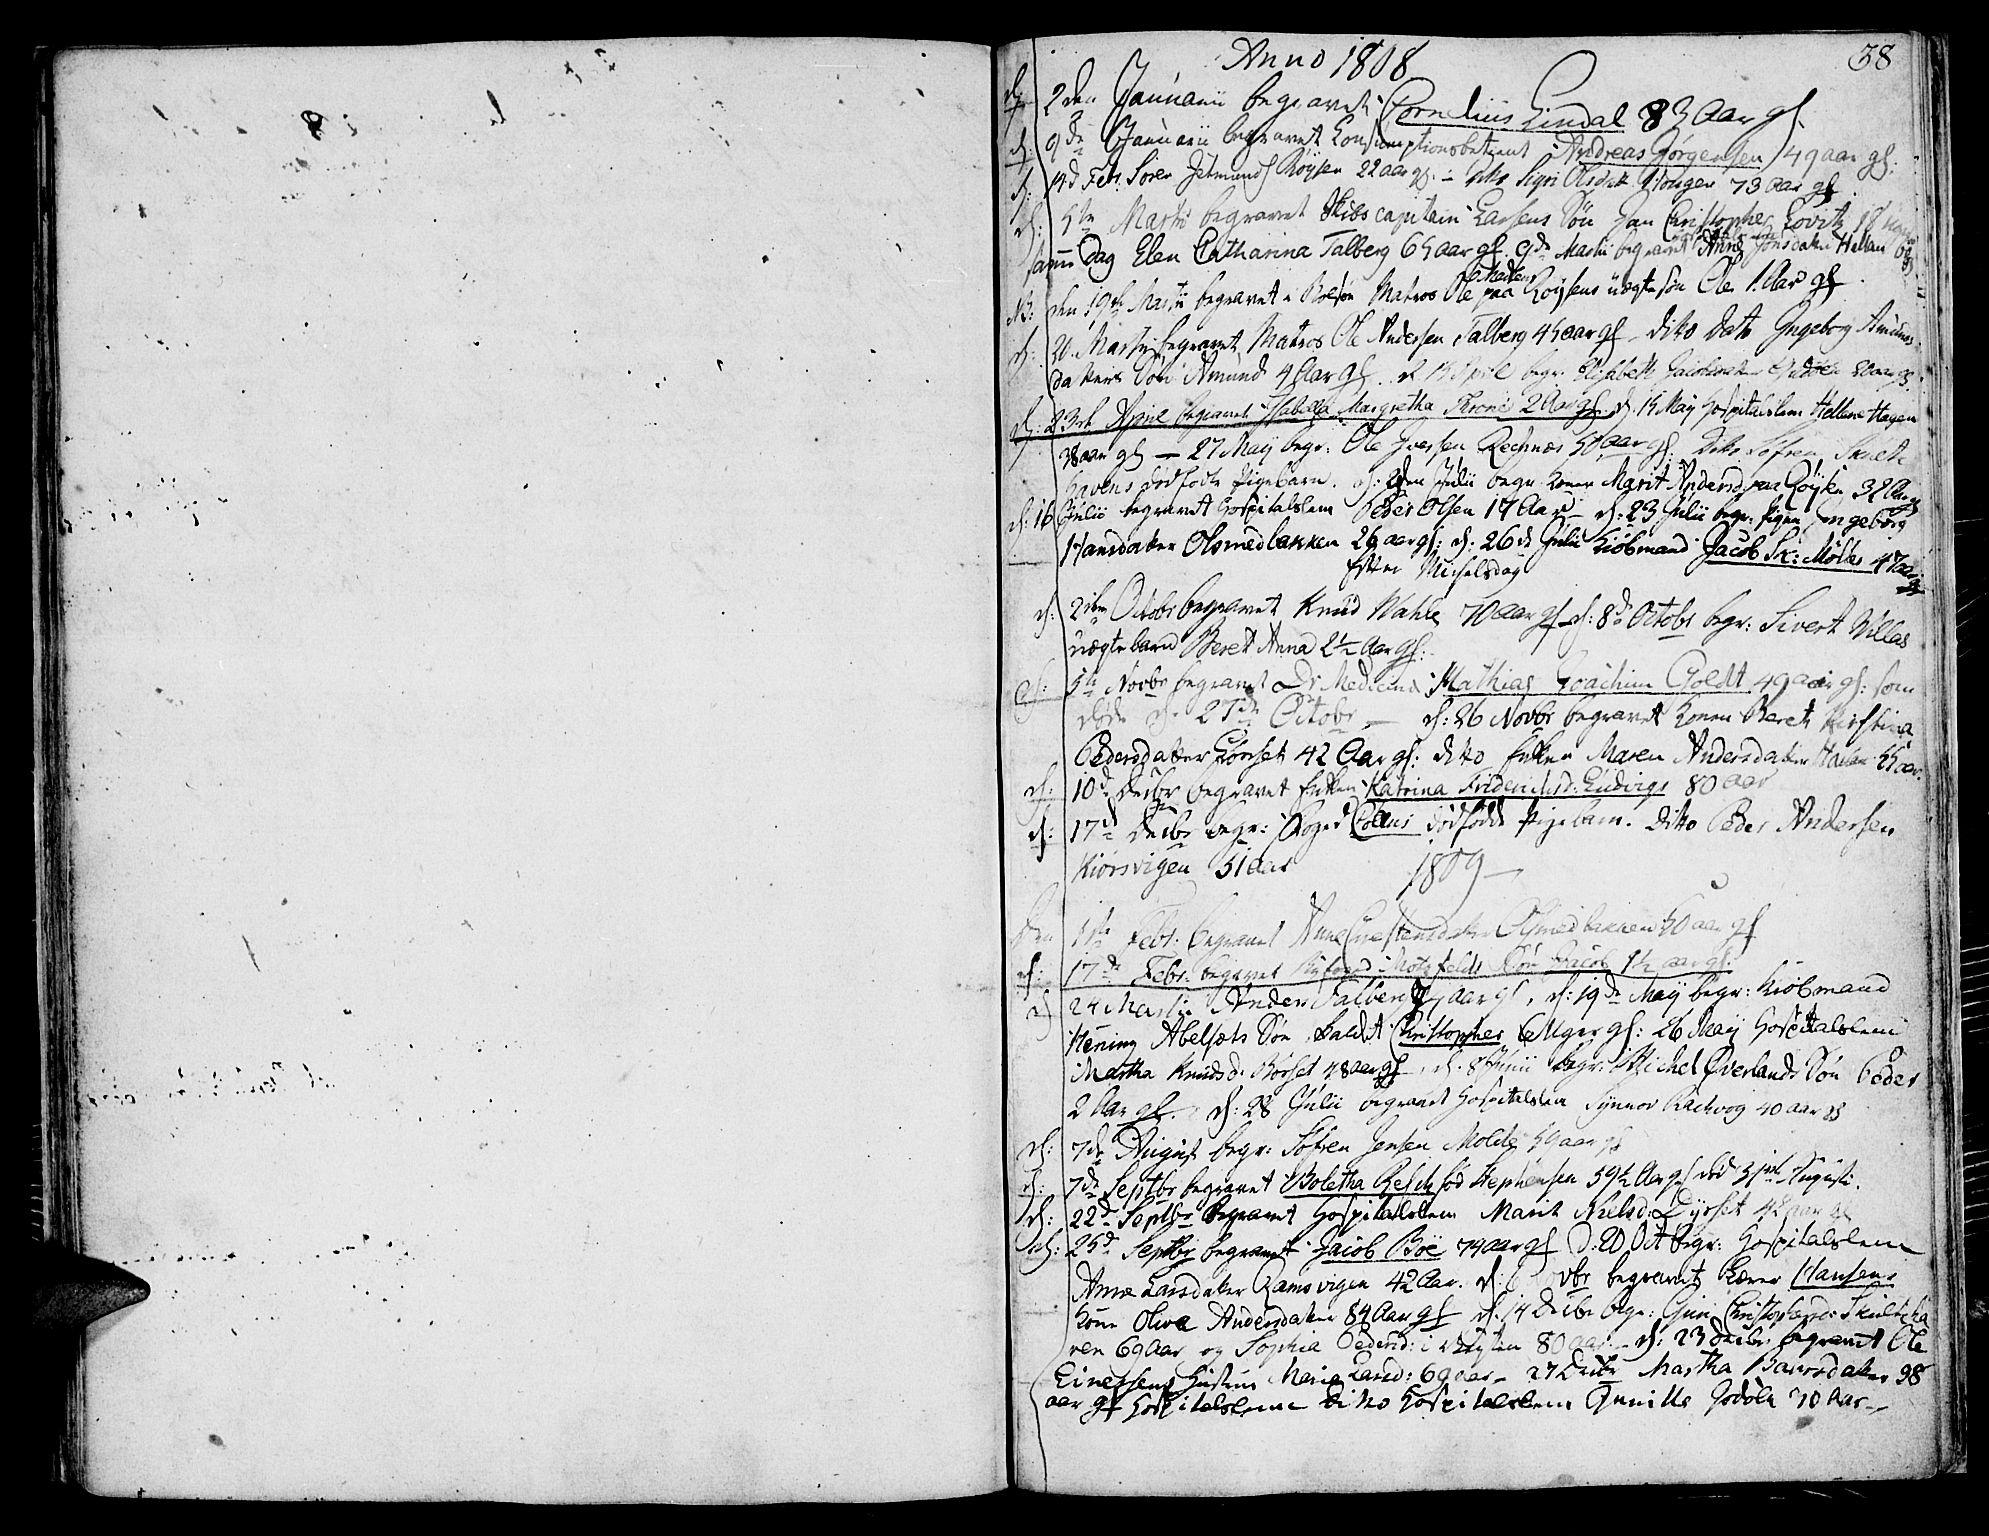 SAT, Ministerialprotokoller, klokkerbøker og fødselsregistre - Møre og Romsdal, 558/L0687: Ministerialbok nr. 558A01, 1798-1818, s. 38